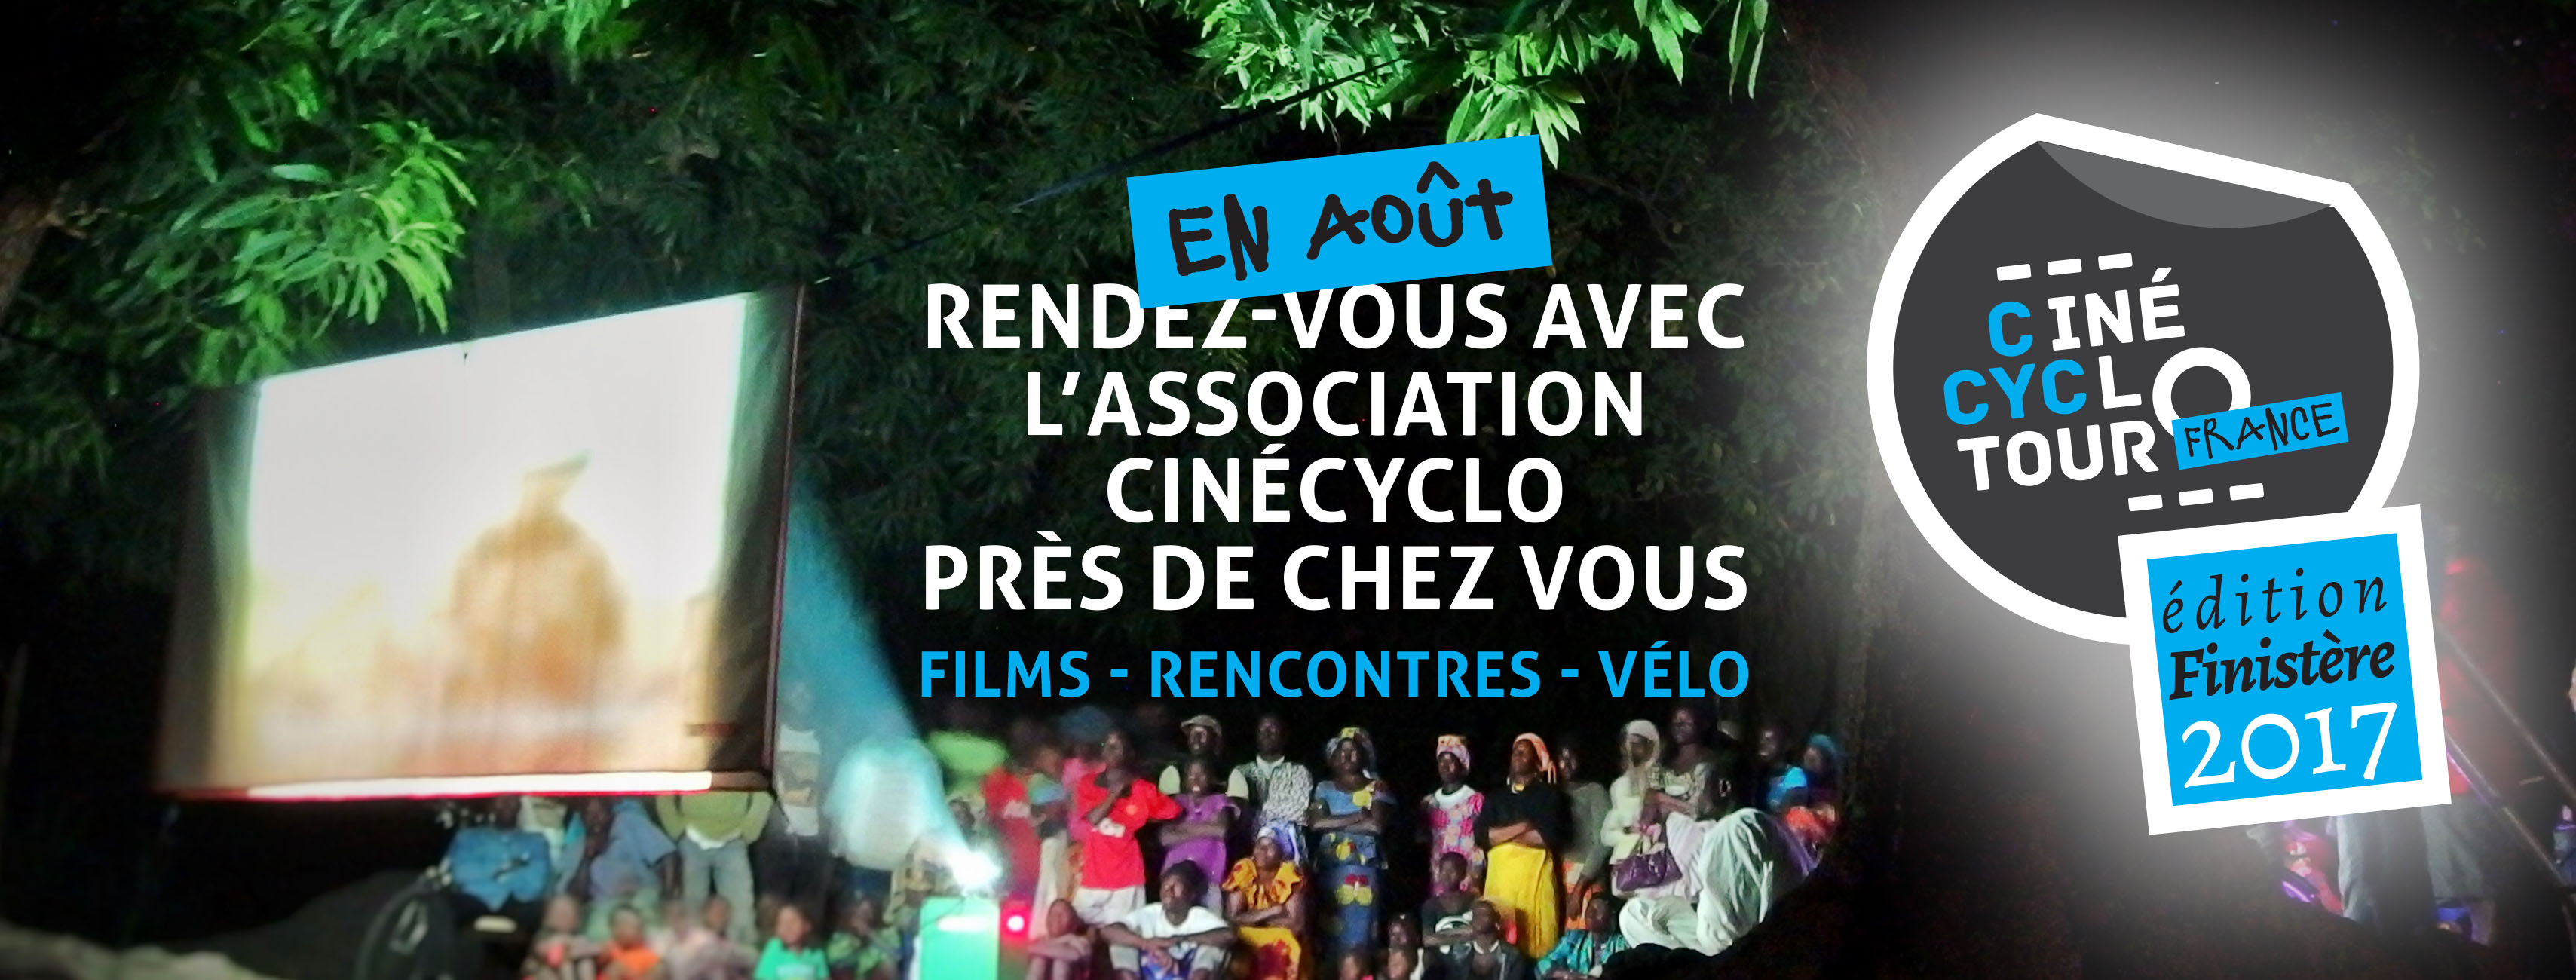 [HANVEC] Ciné Cyclo Tour